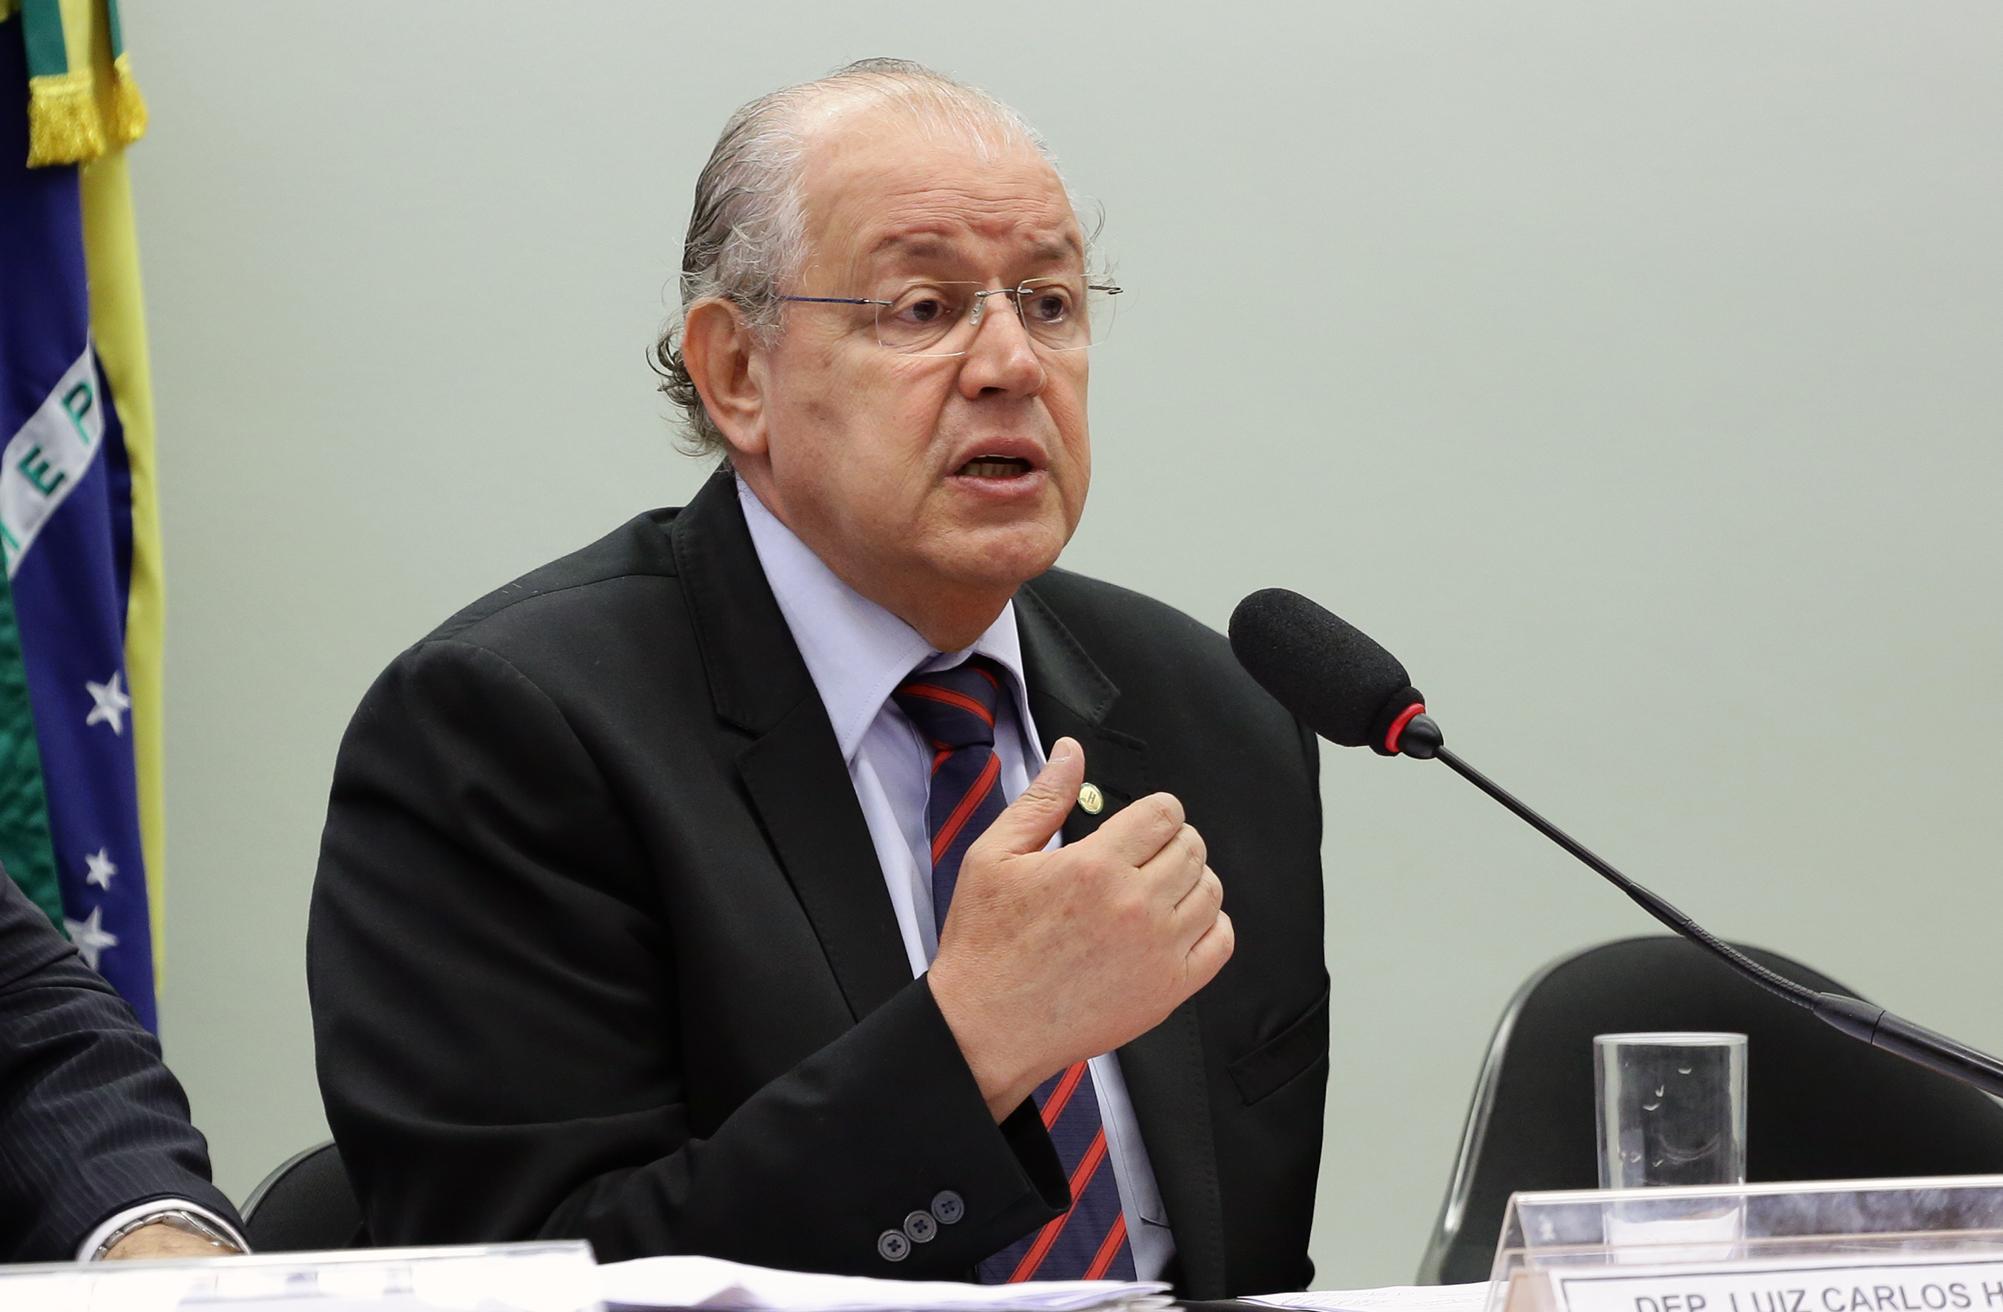 Reunião Ordinária e Audiência Pública. Dep. Luiz Carlos Hauly (PSDB - PR)